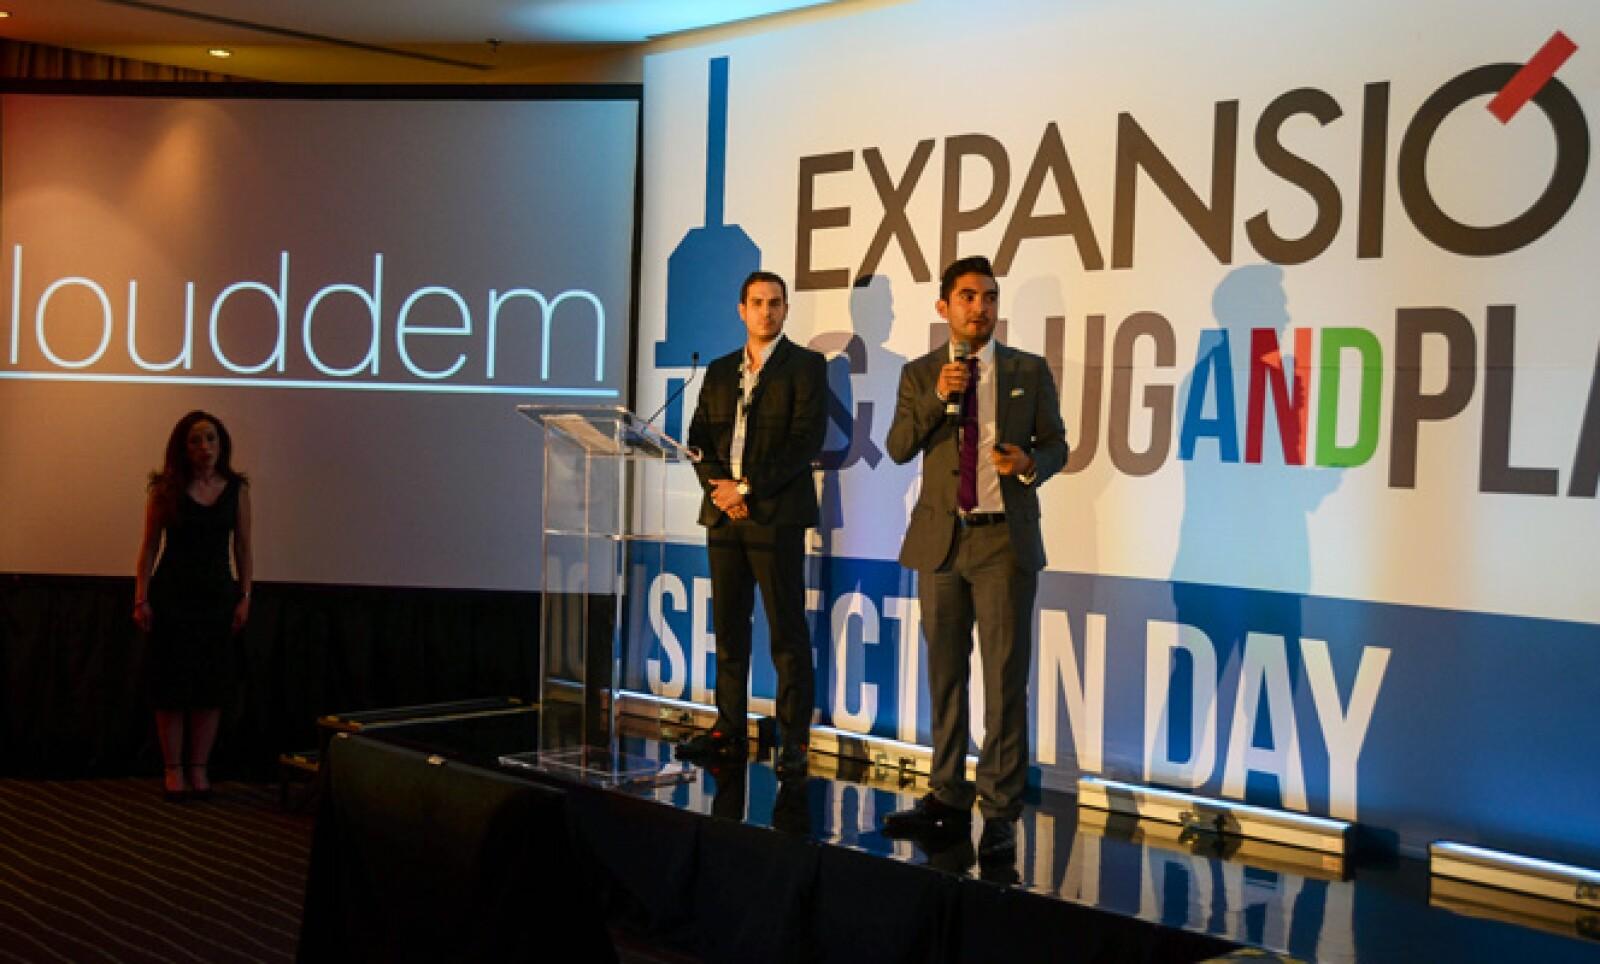 Pablo Castelo y Alfonso Romero crearon un conmutador virtual con funcionalidades de call center 24 horas.